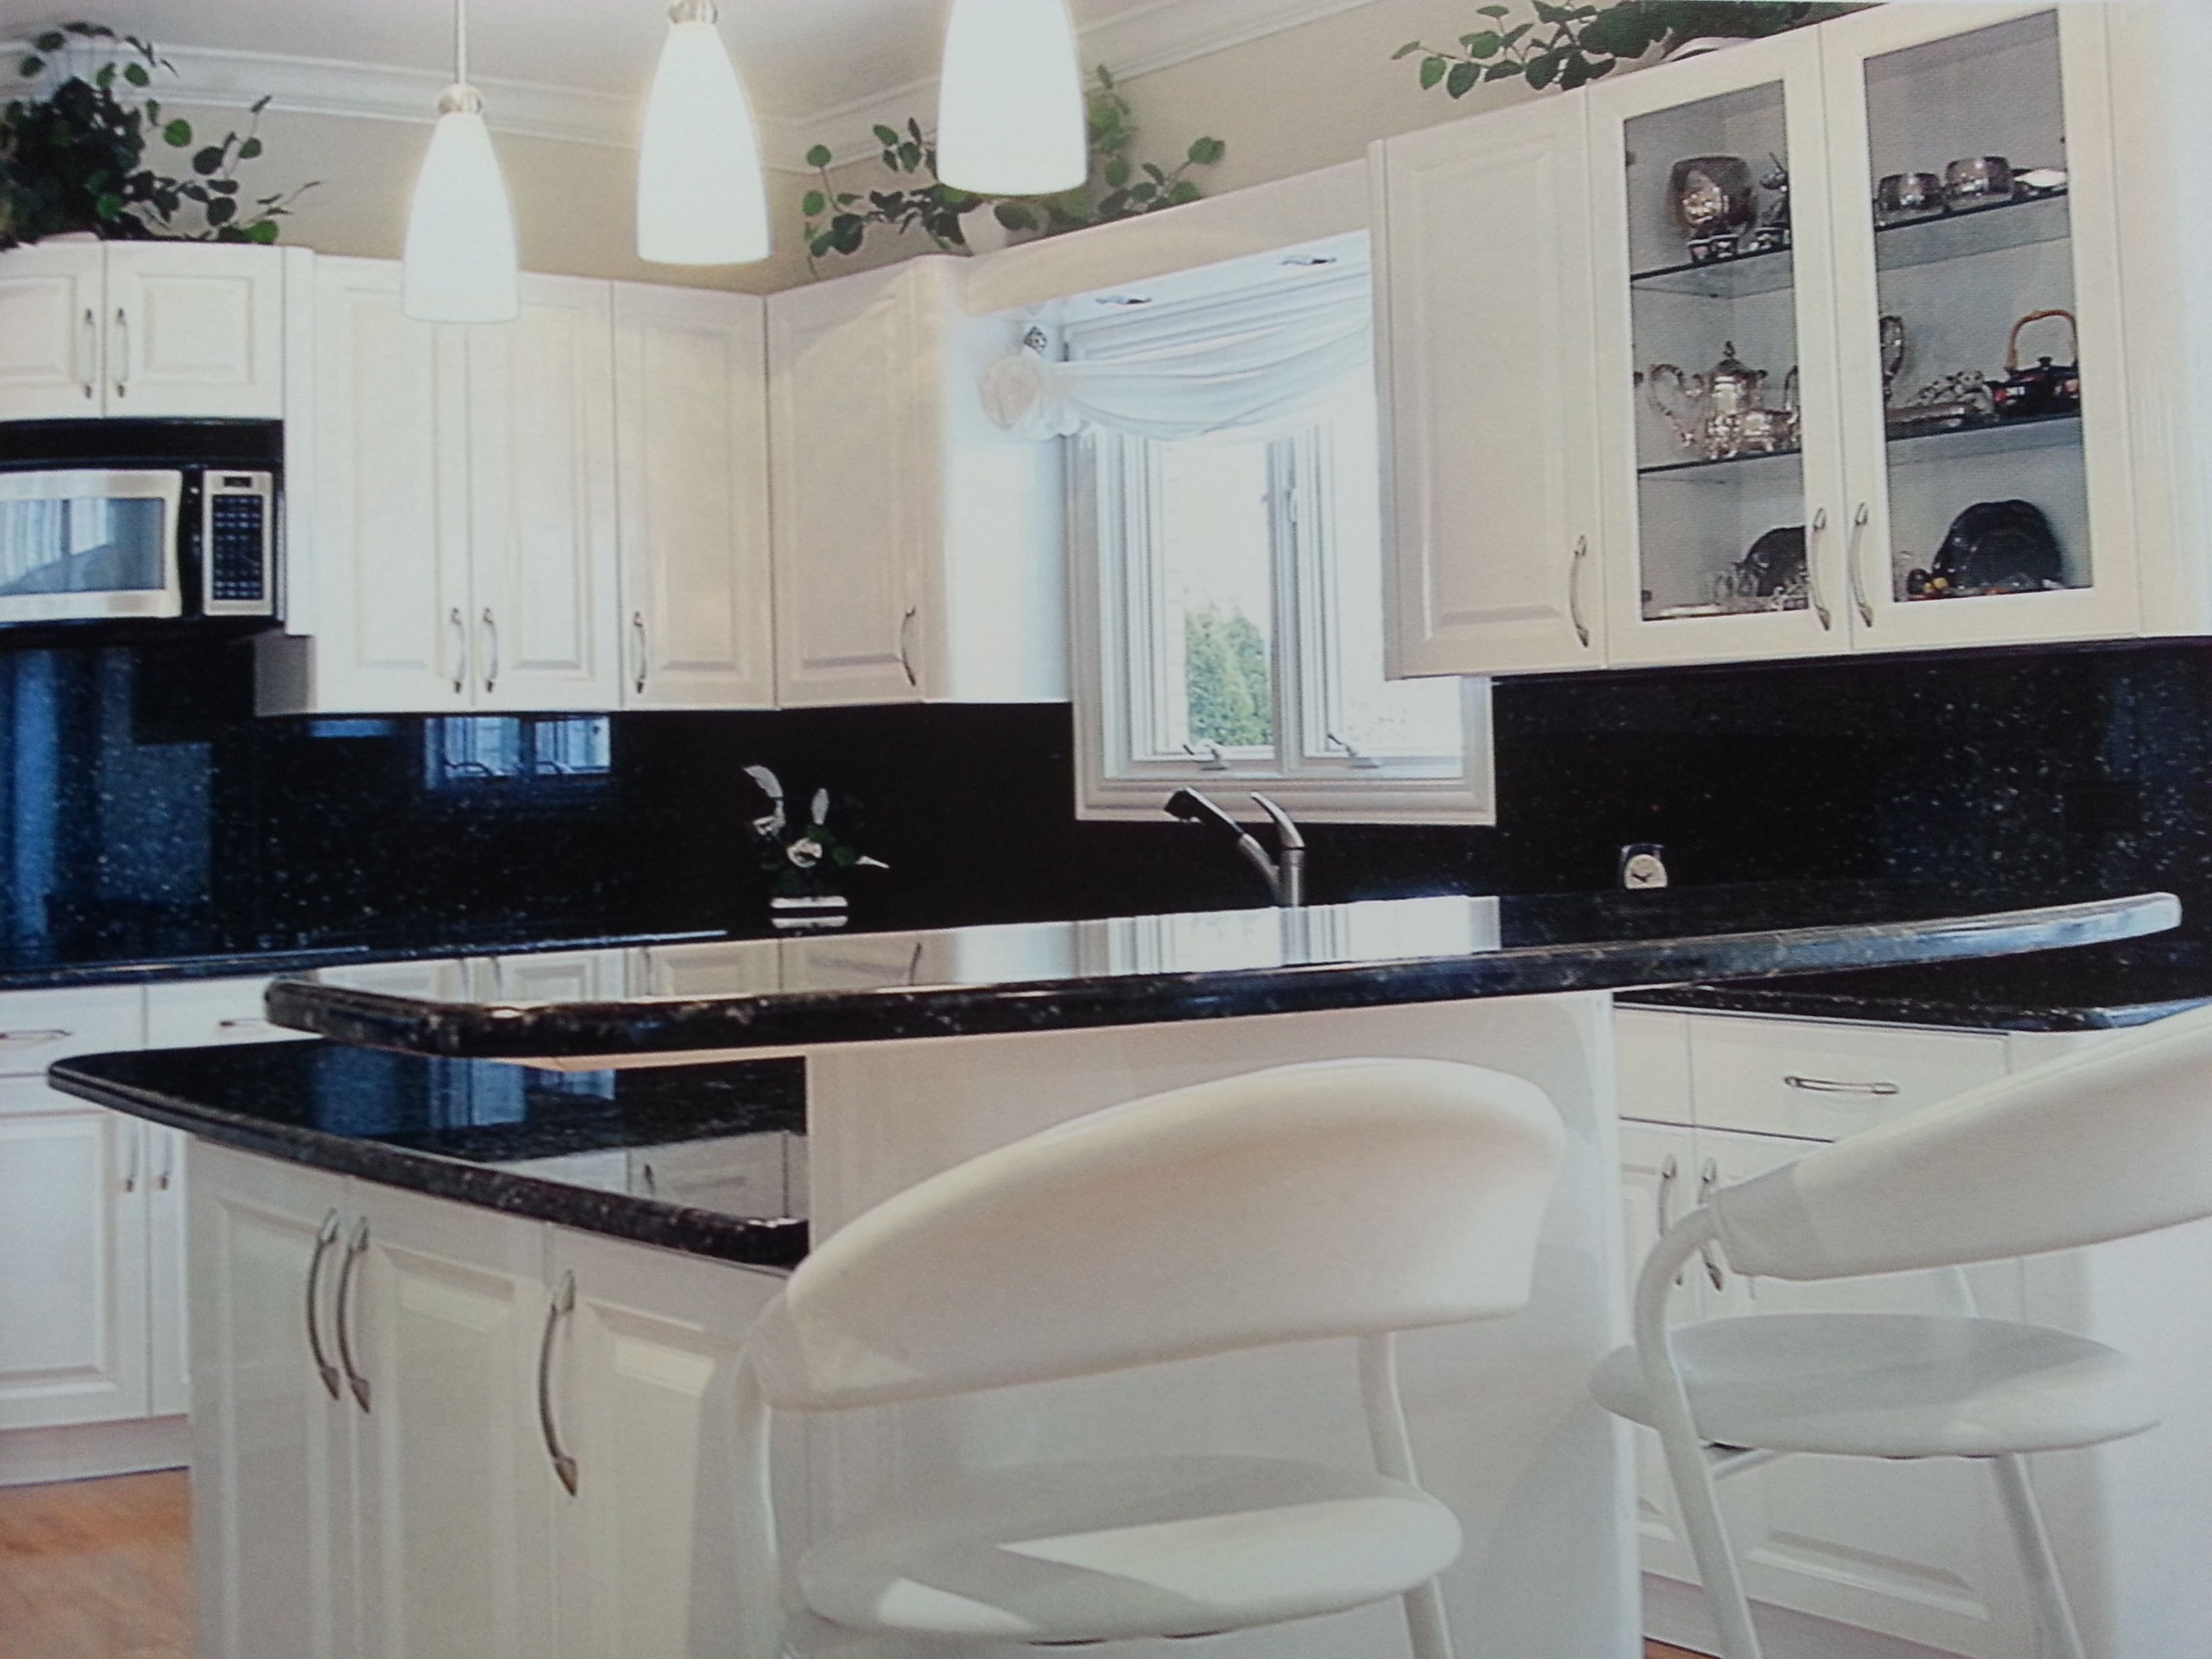 Cocina en laca blanca mate y encimera en granito negro Cocina blanca encimera granito negra